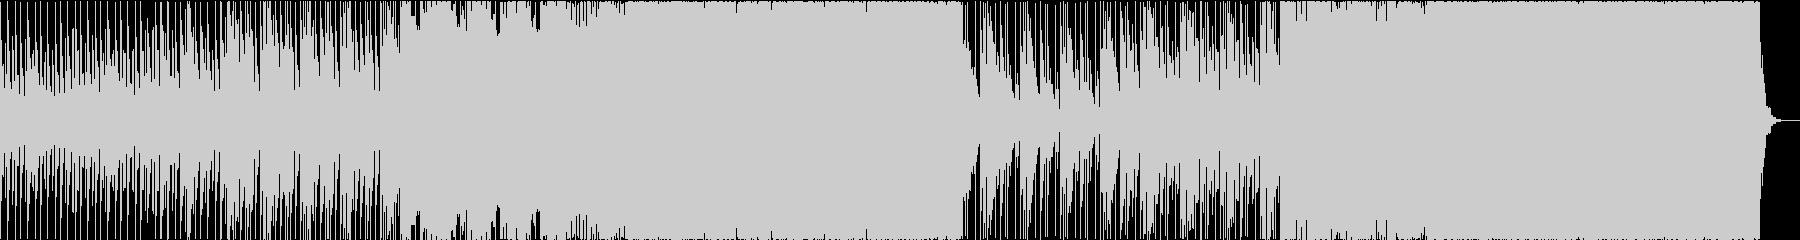 綺麗で元気の出るトロピカルハウスの未再生の波形